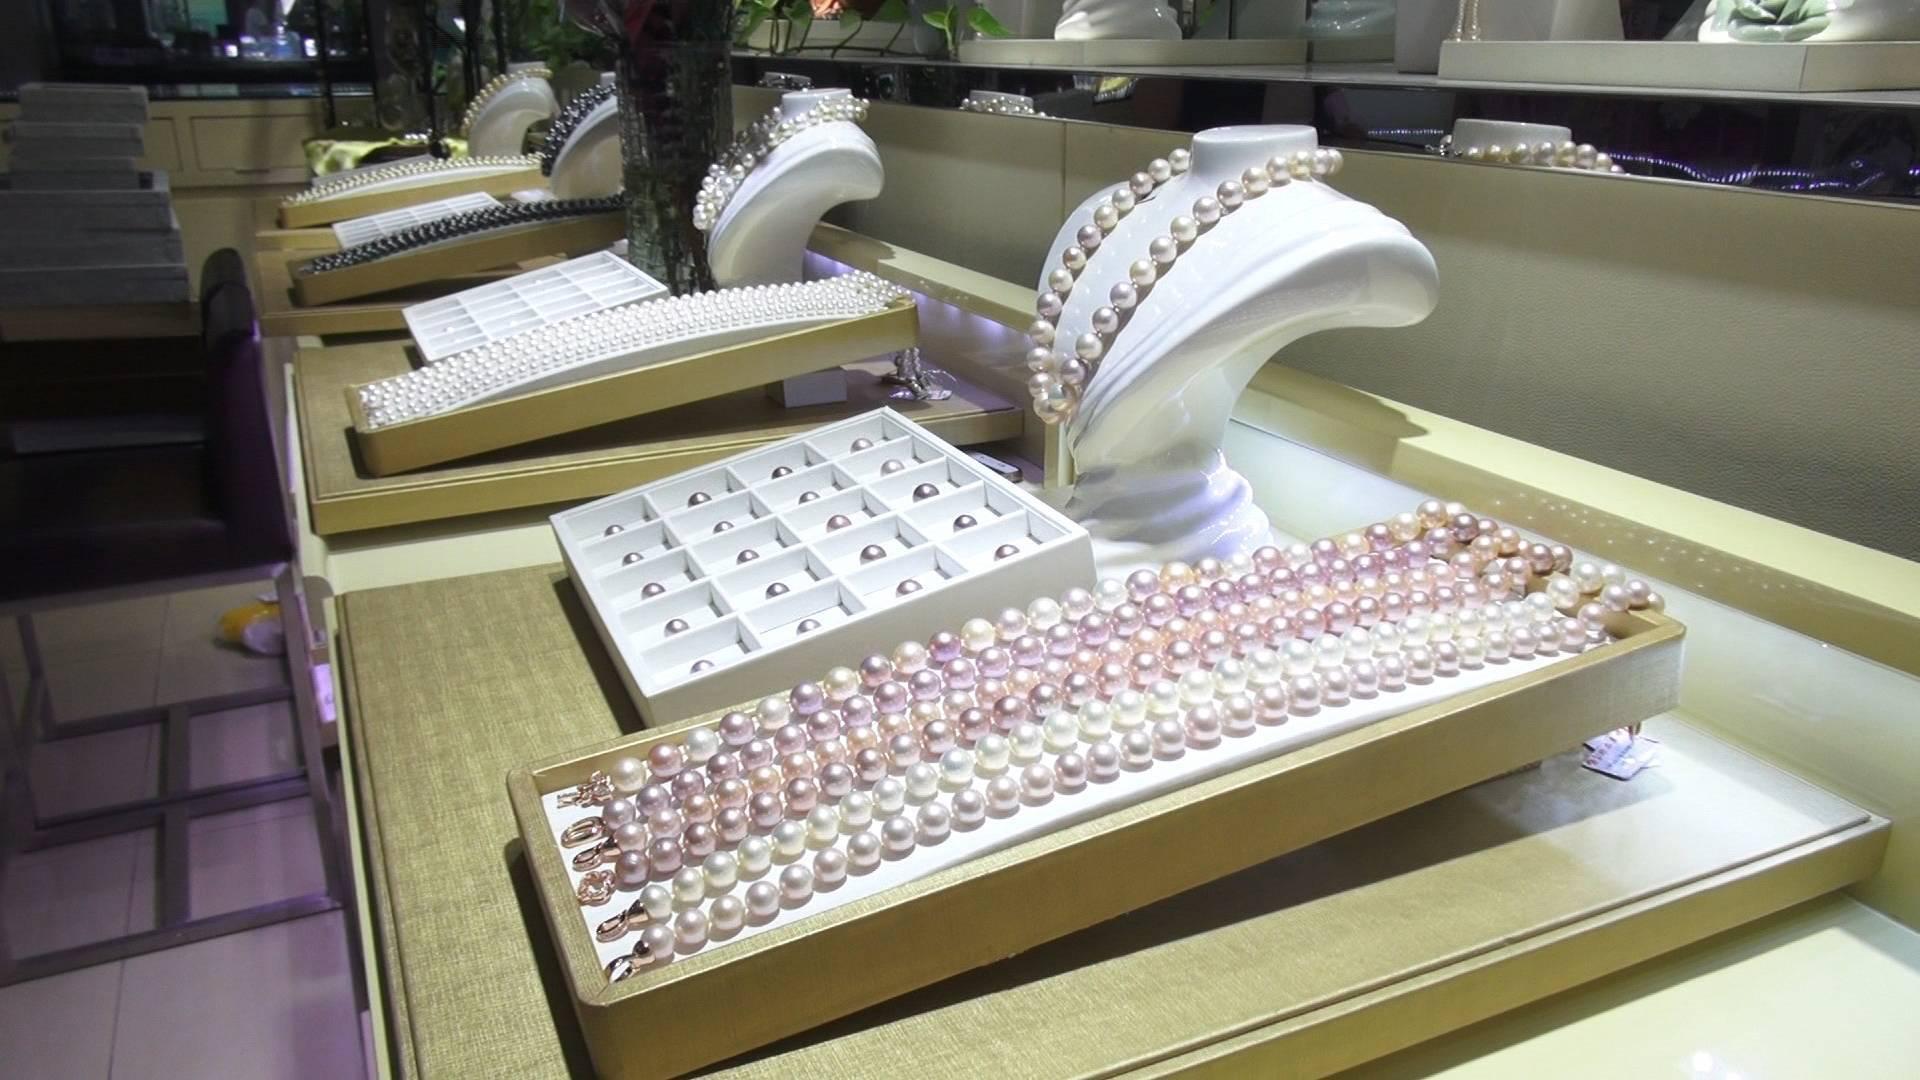 闪电指数 | 黄金珠宝销量激增、在线餐饮交易突破18亿 来看山东人春节怎么花钱